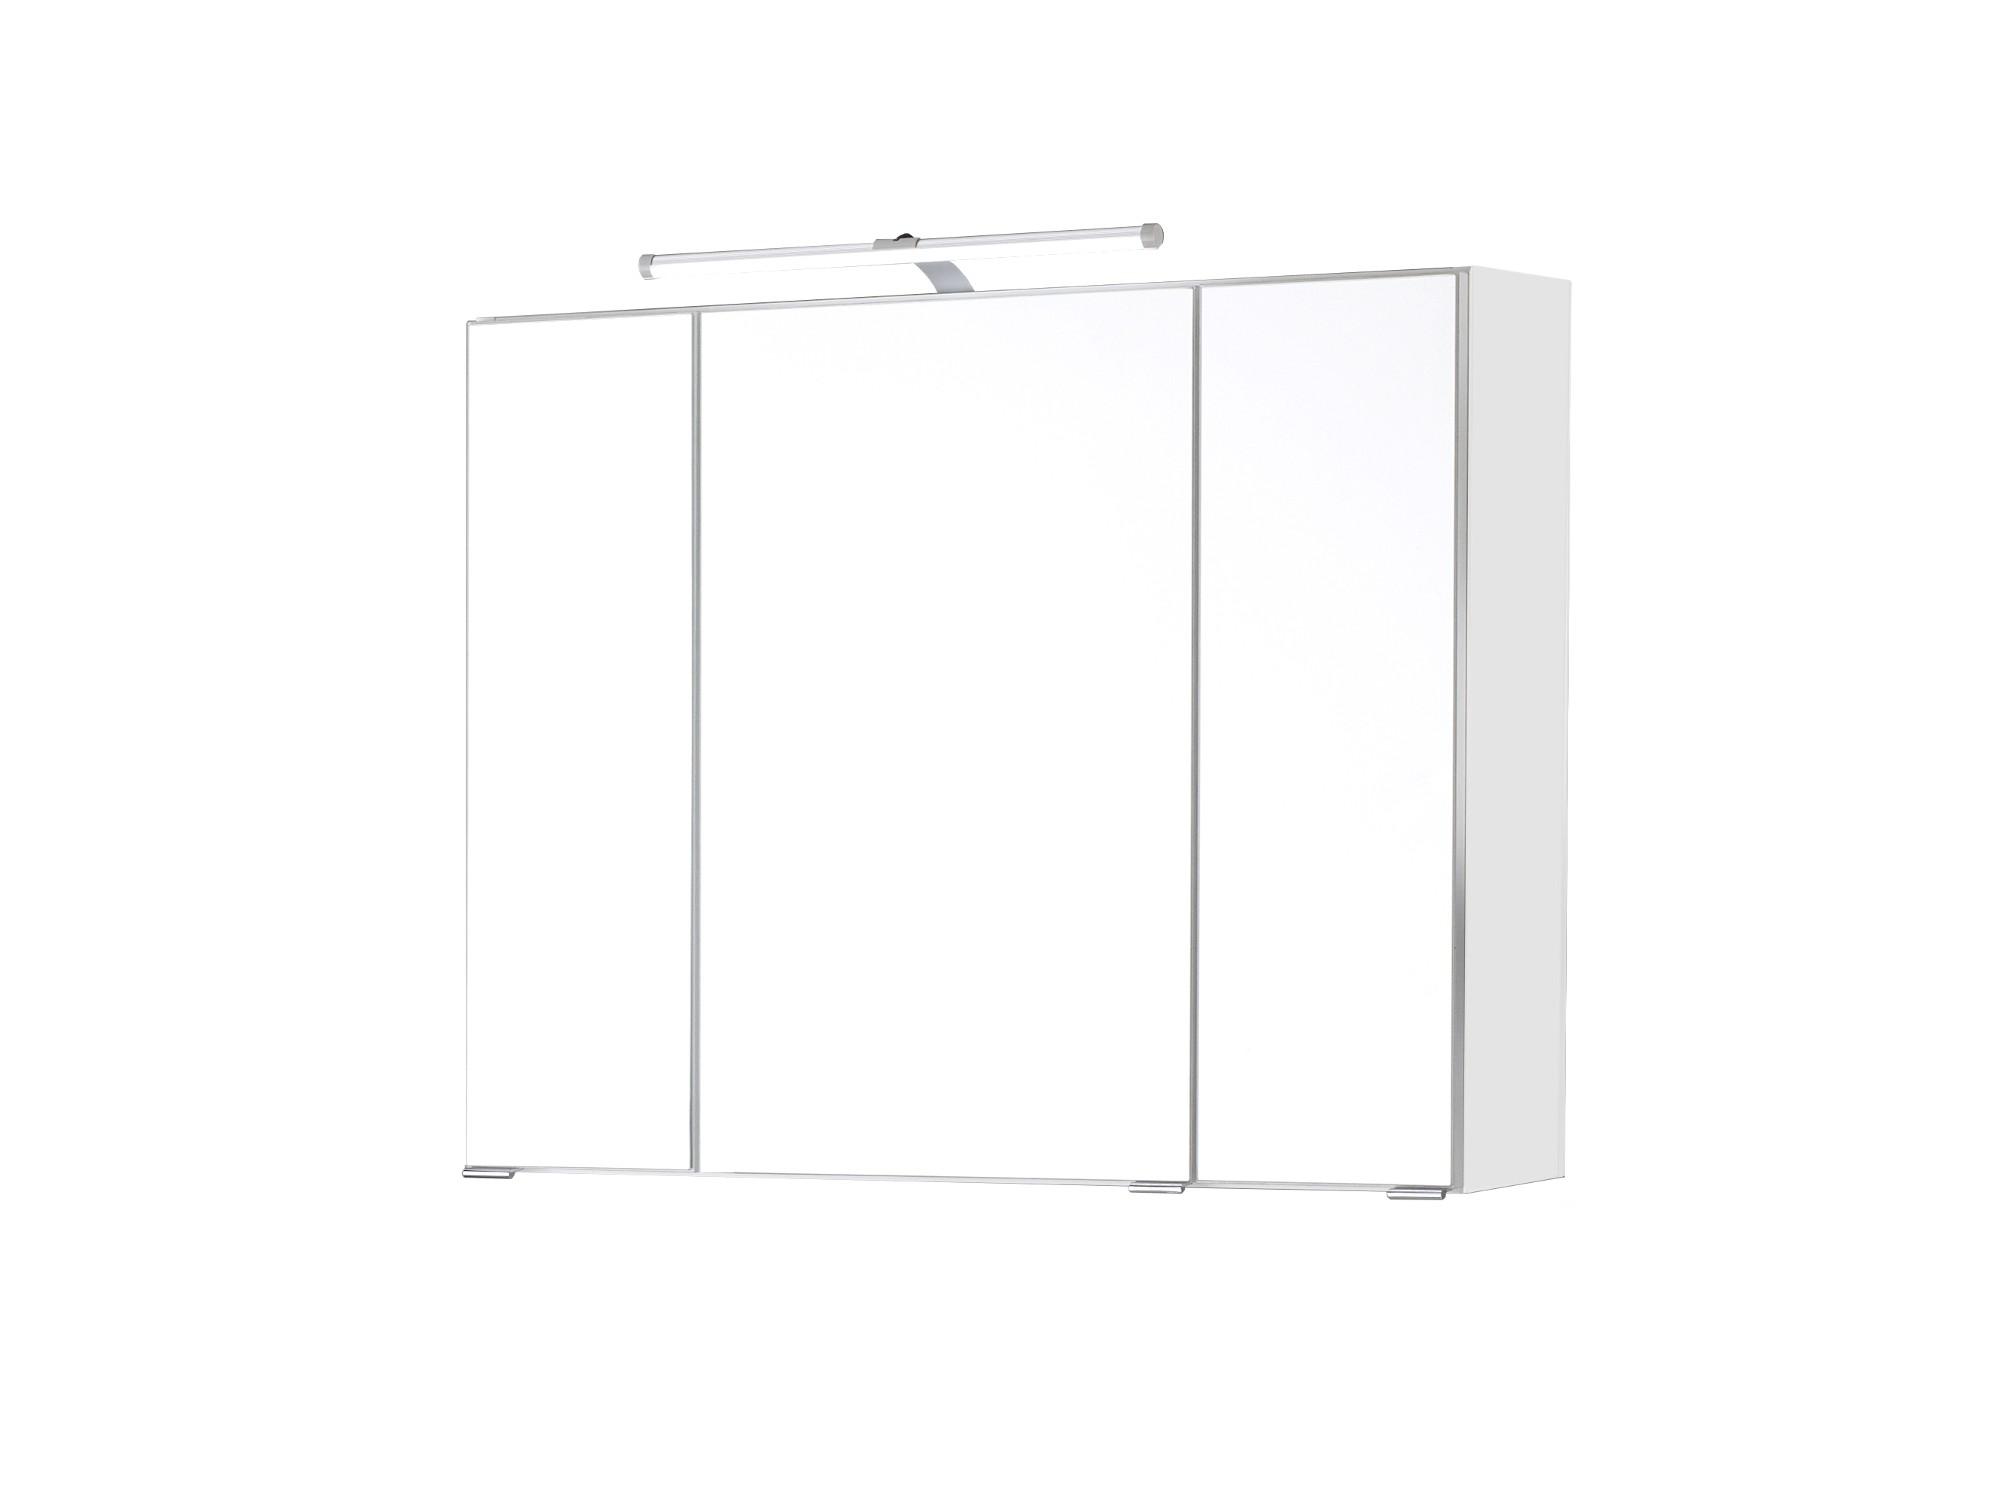 bad spiegelschrank bologna 3 t rig mit led aufbauleuchte 90 cm breit wei bad spiegelschr nke. Black Bedroom Furniture Sets. Home Design Ideas